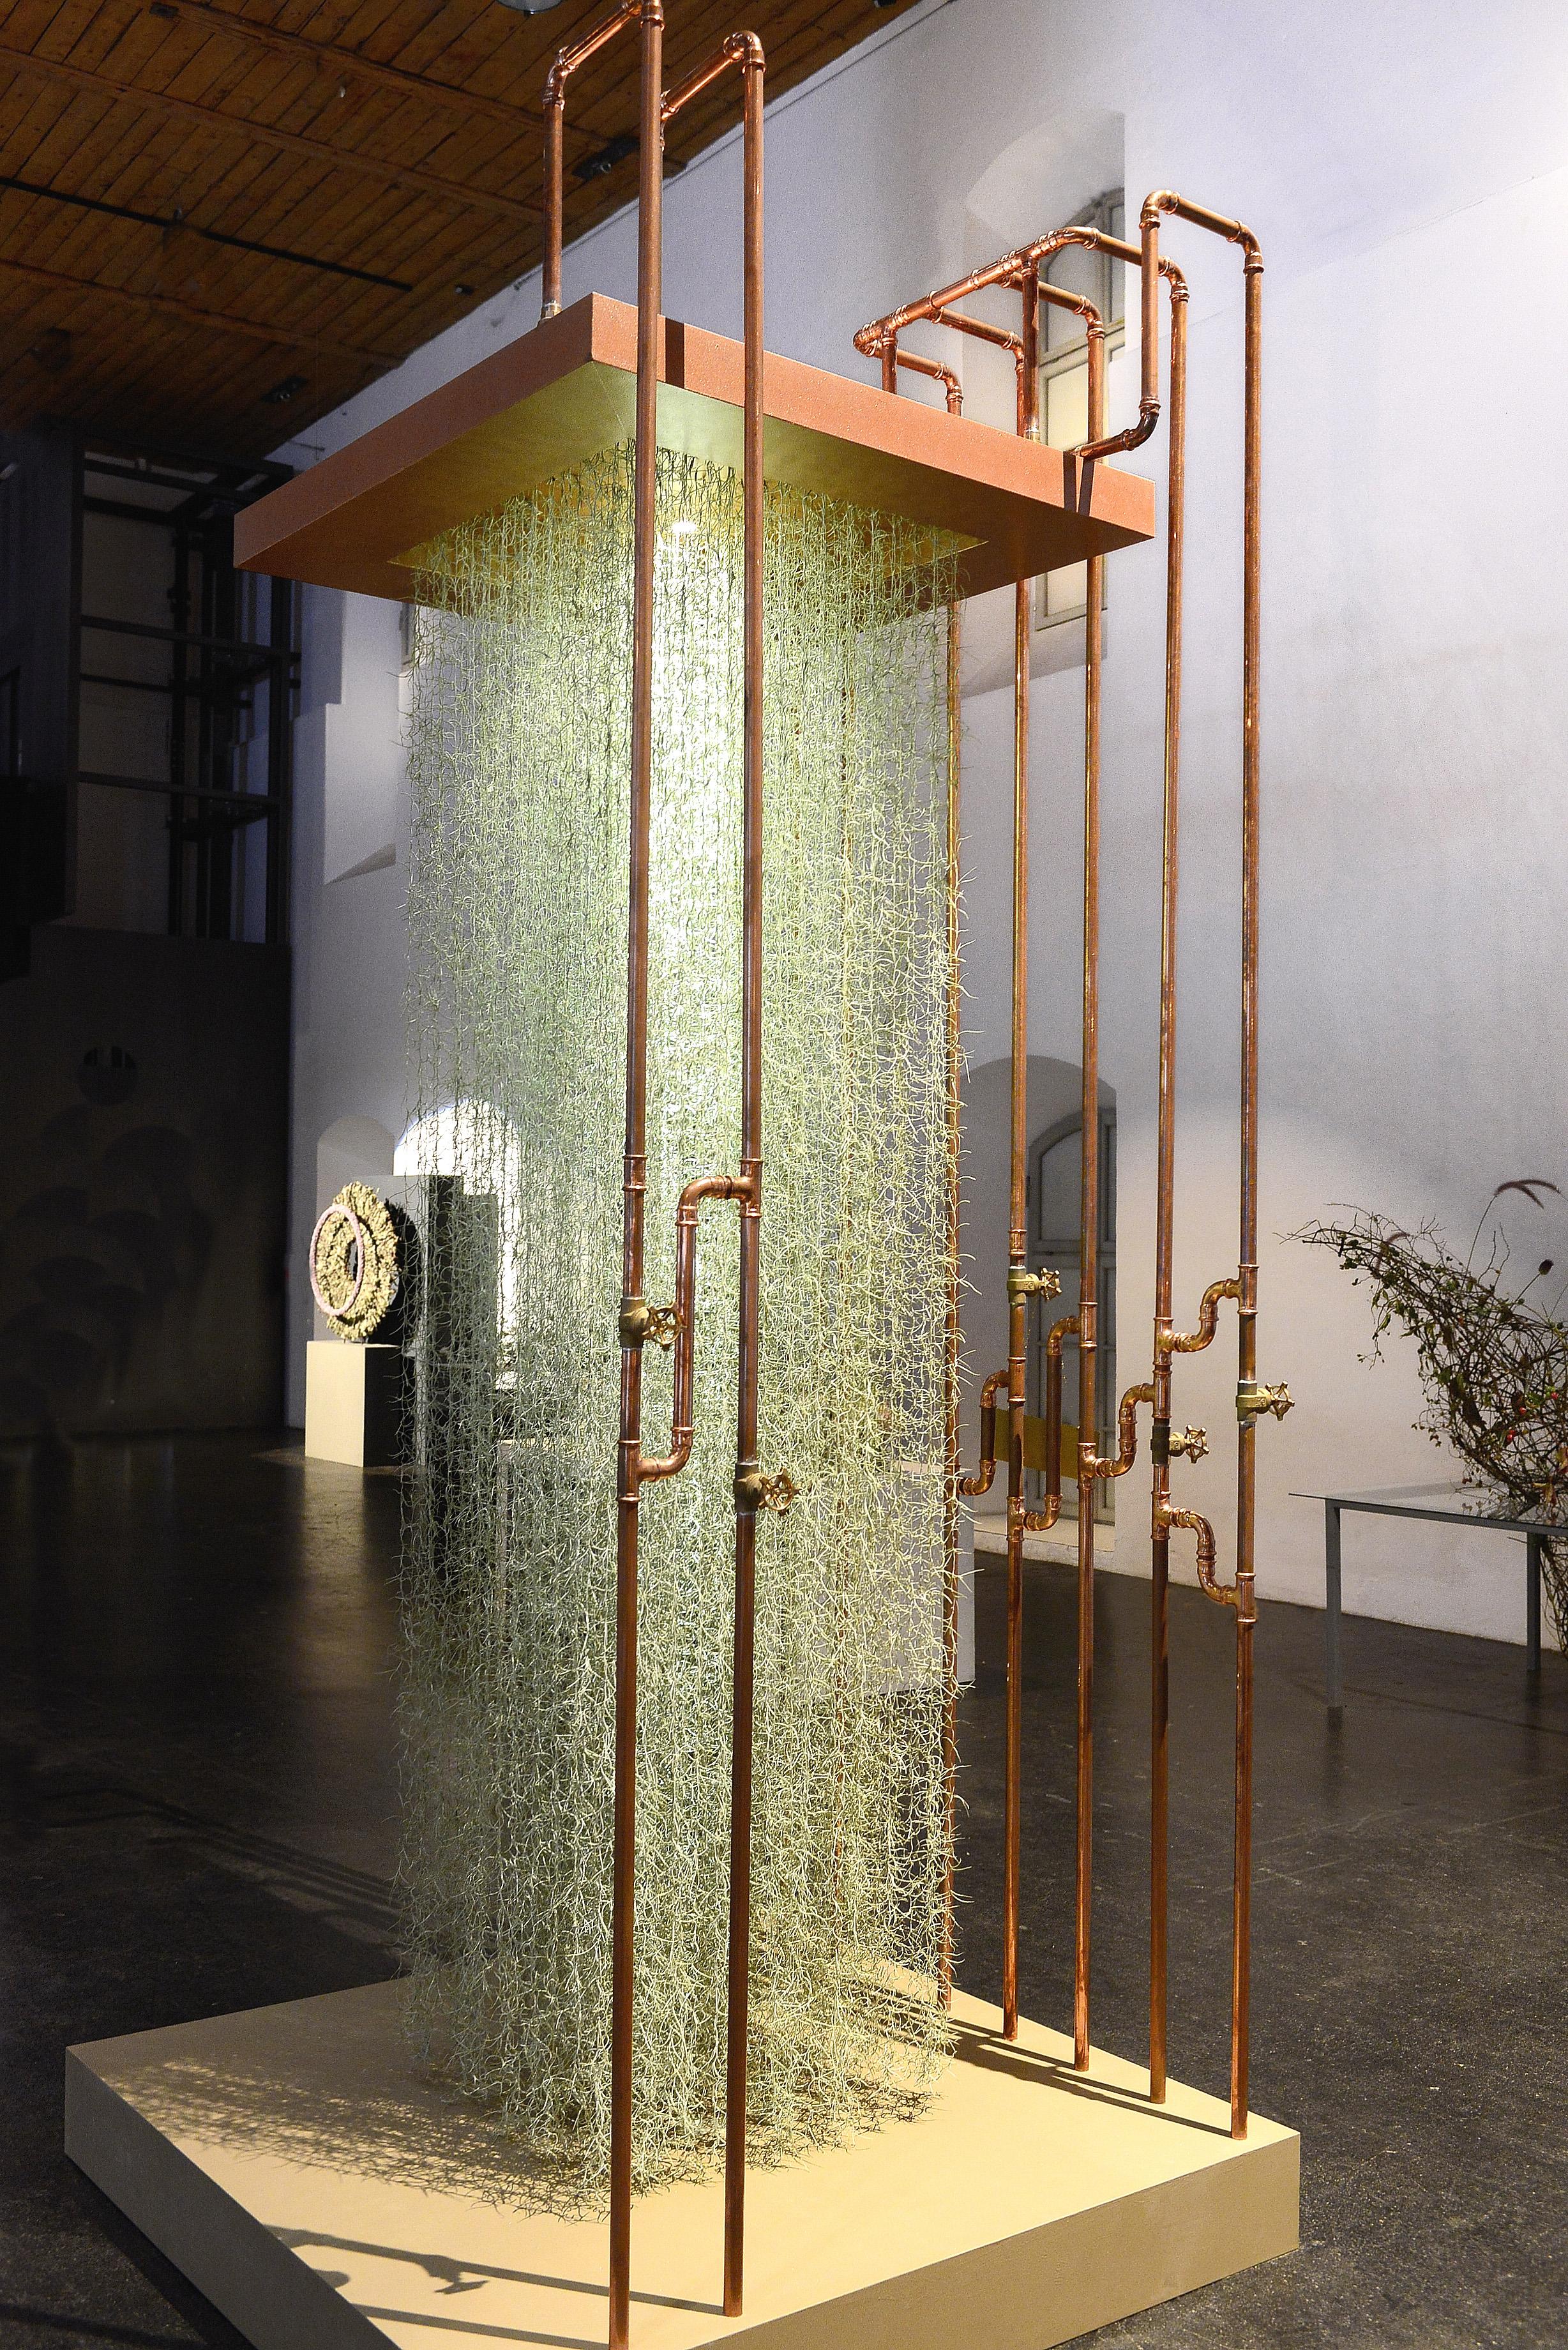 Einmaligkeit in schönster Ausprägung - 'Wasserinstallation' von Pia Bauer.